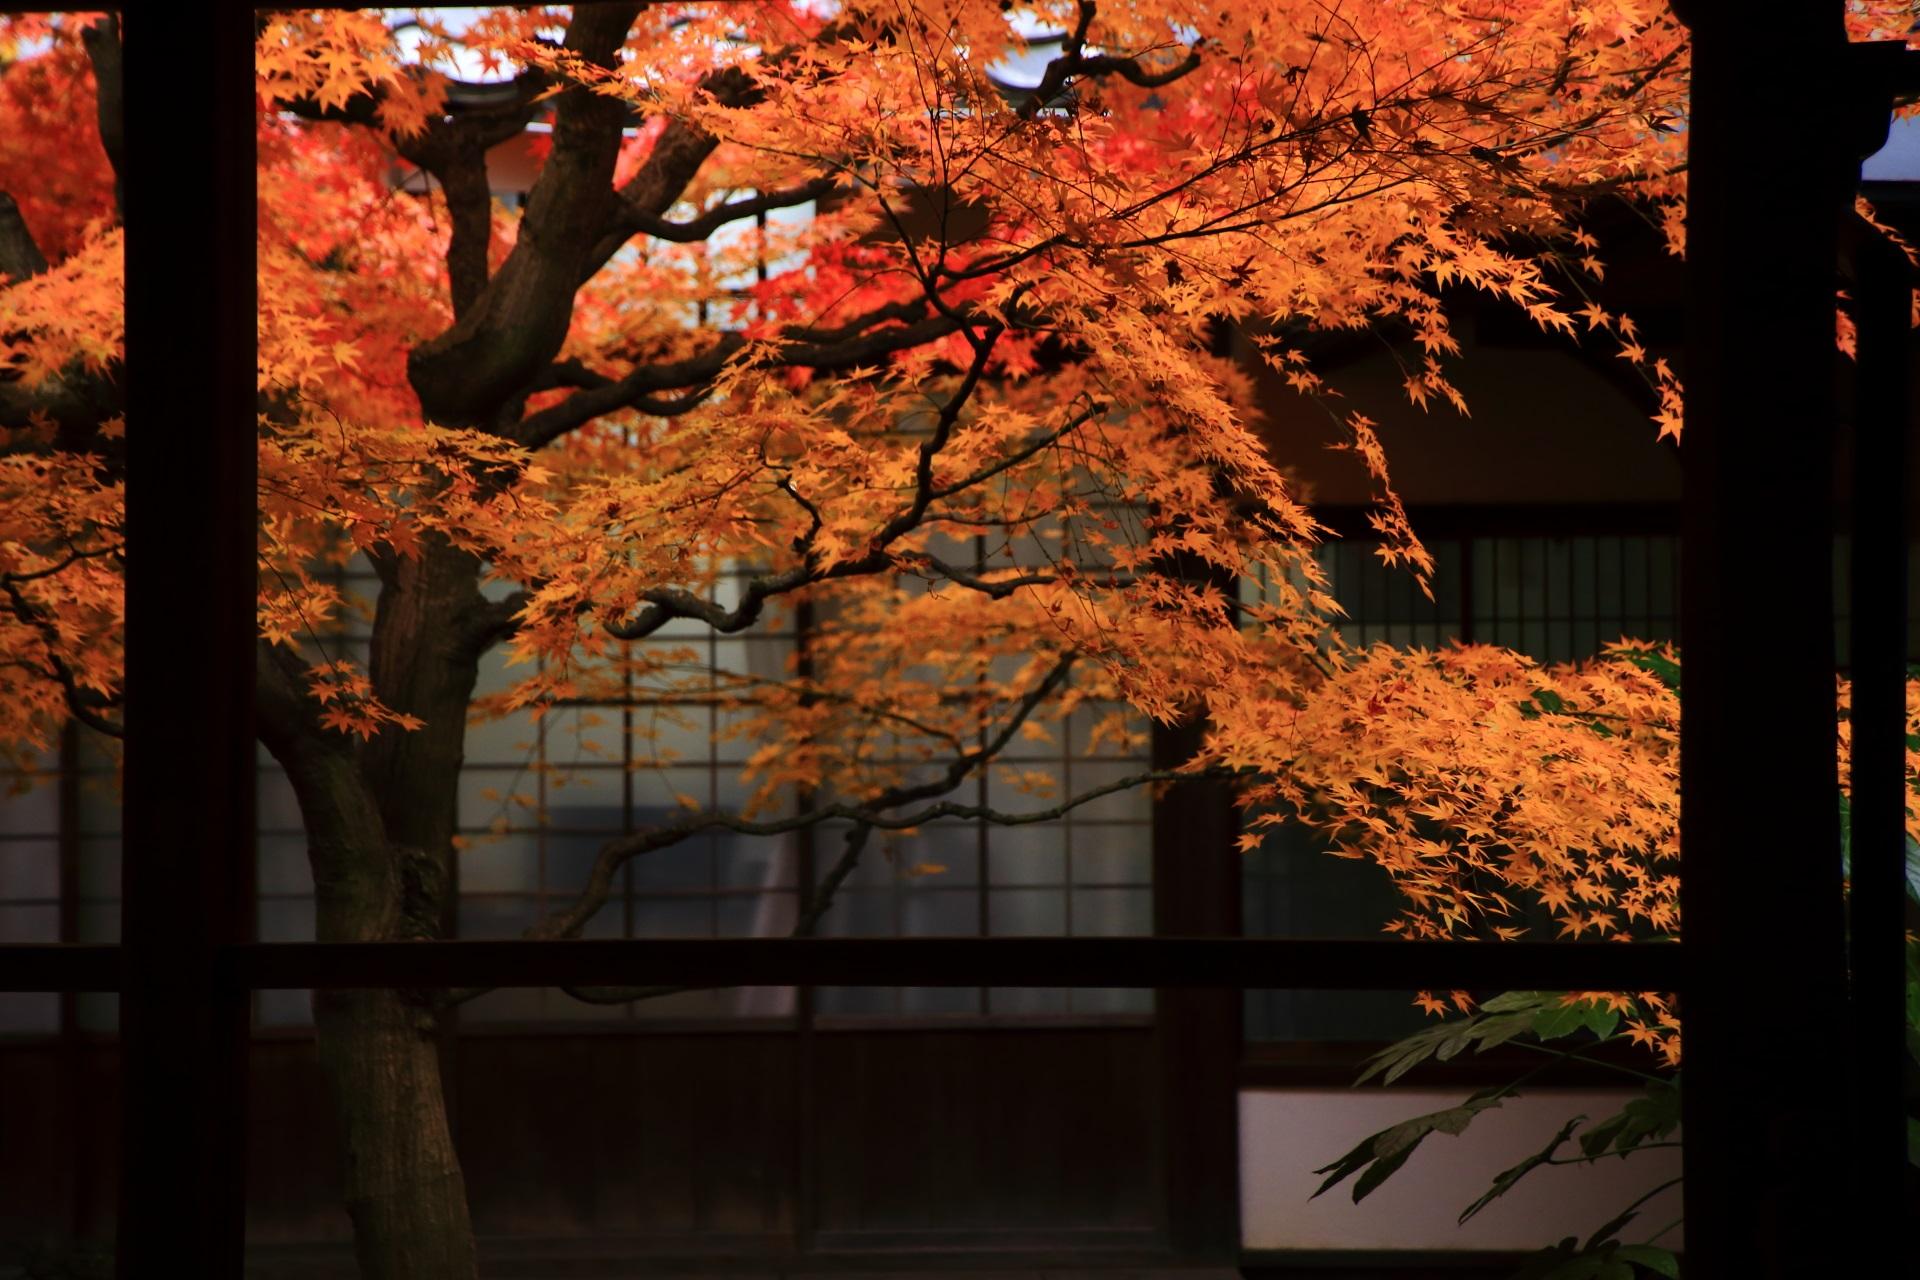 本法寺の落ち着いた庭園で浮かび上がるような鮮やかな紅葉